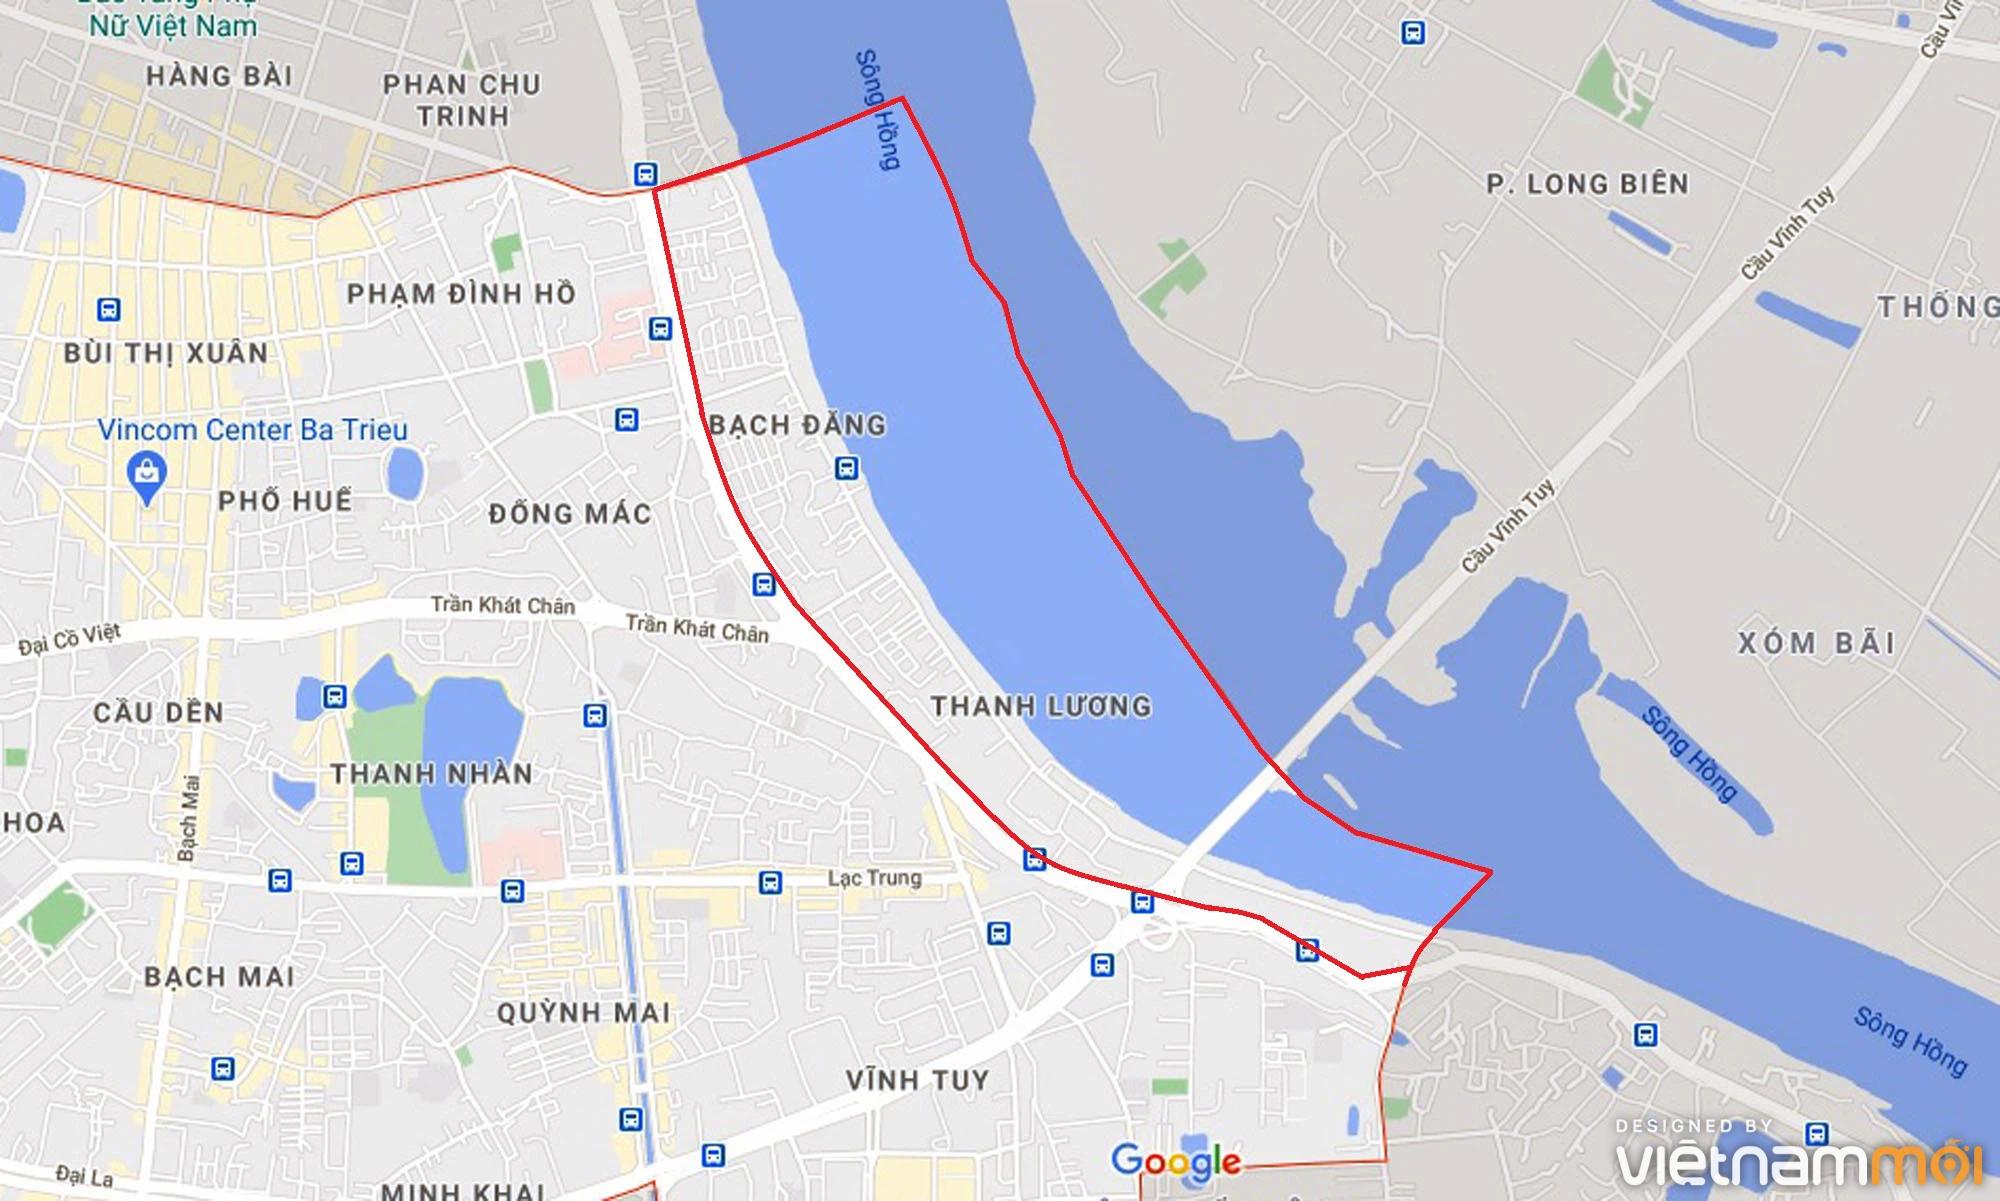 Toàn cảnh hiện trạng Phân khu đô thị sông Hồng trên địa bàn quận Hai Bà Trưng - Ảnh 1.